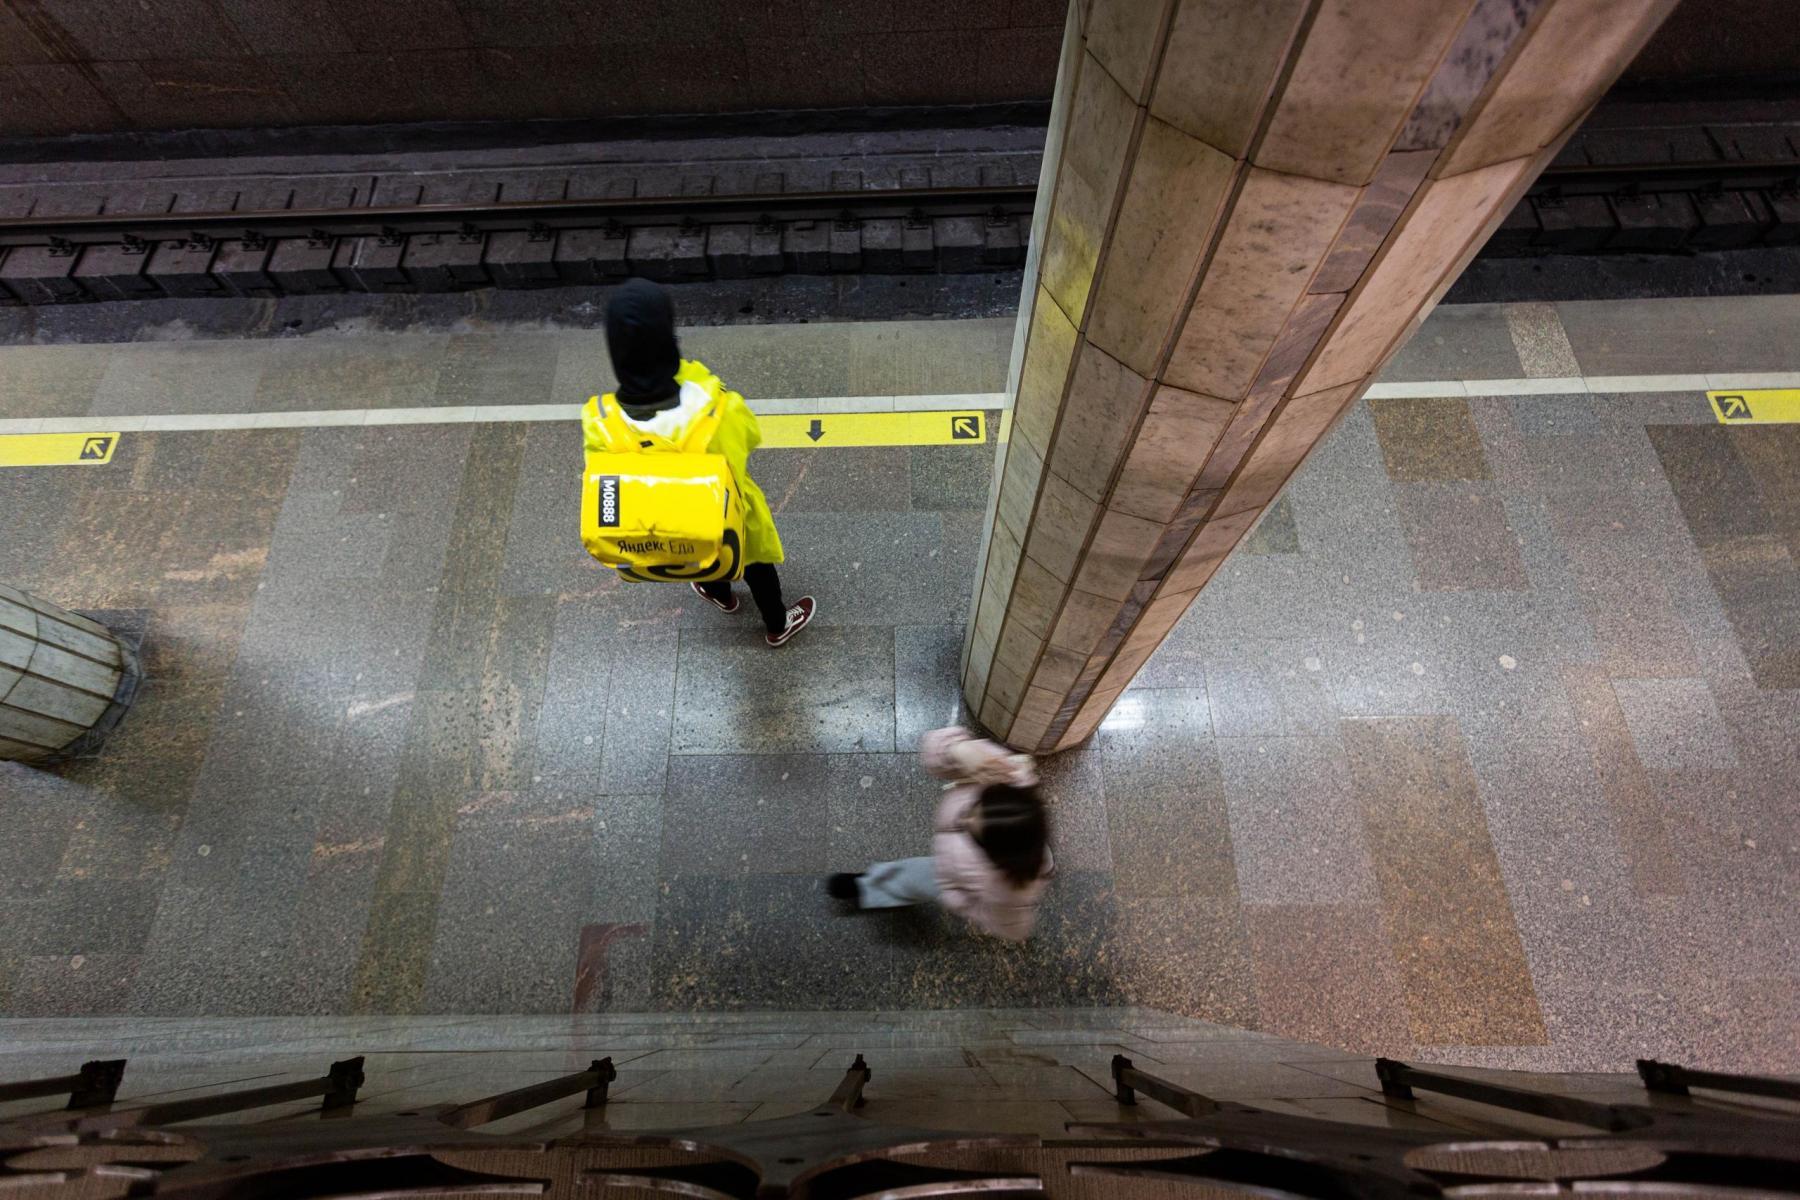 Фото Падение мужчины на рельсы в метро Новосибирска, аварийная посадка самолёта и колонны пограничников: главные новости 28 мая – в одном материале 7